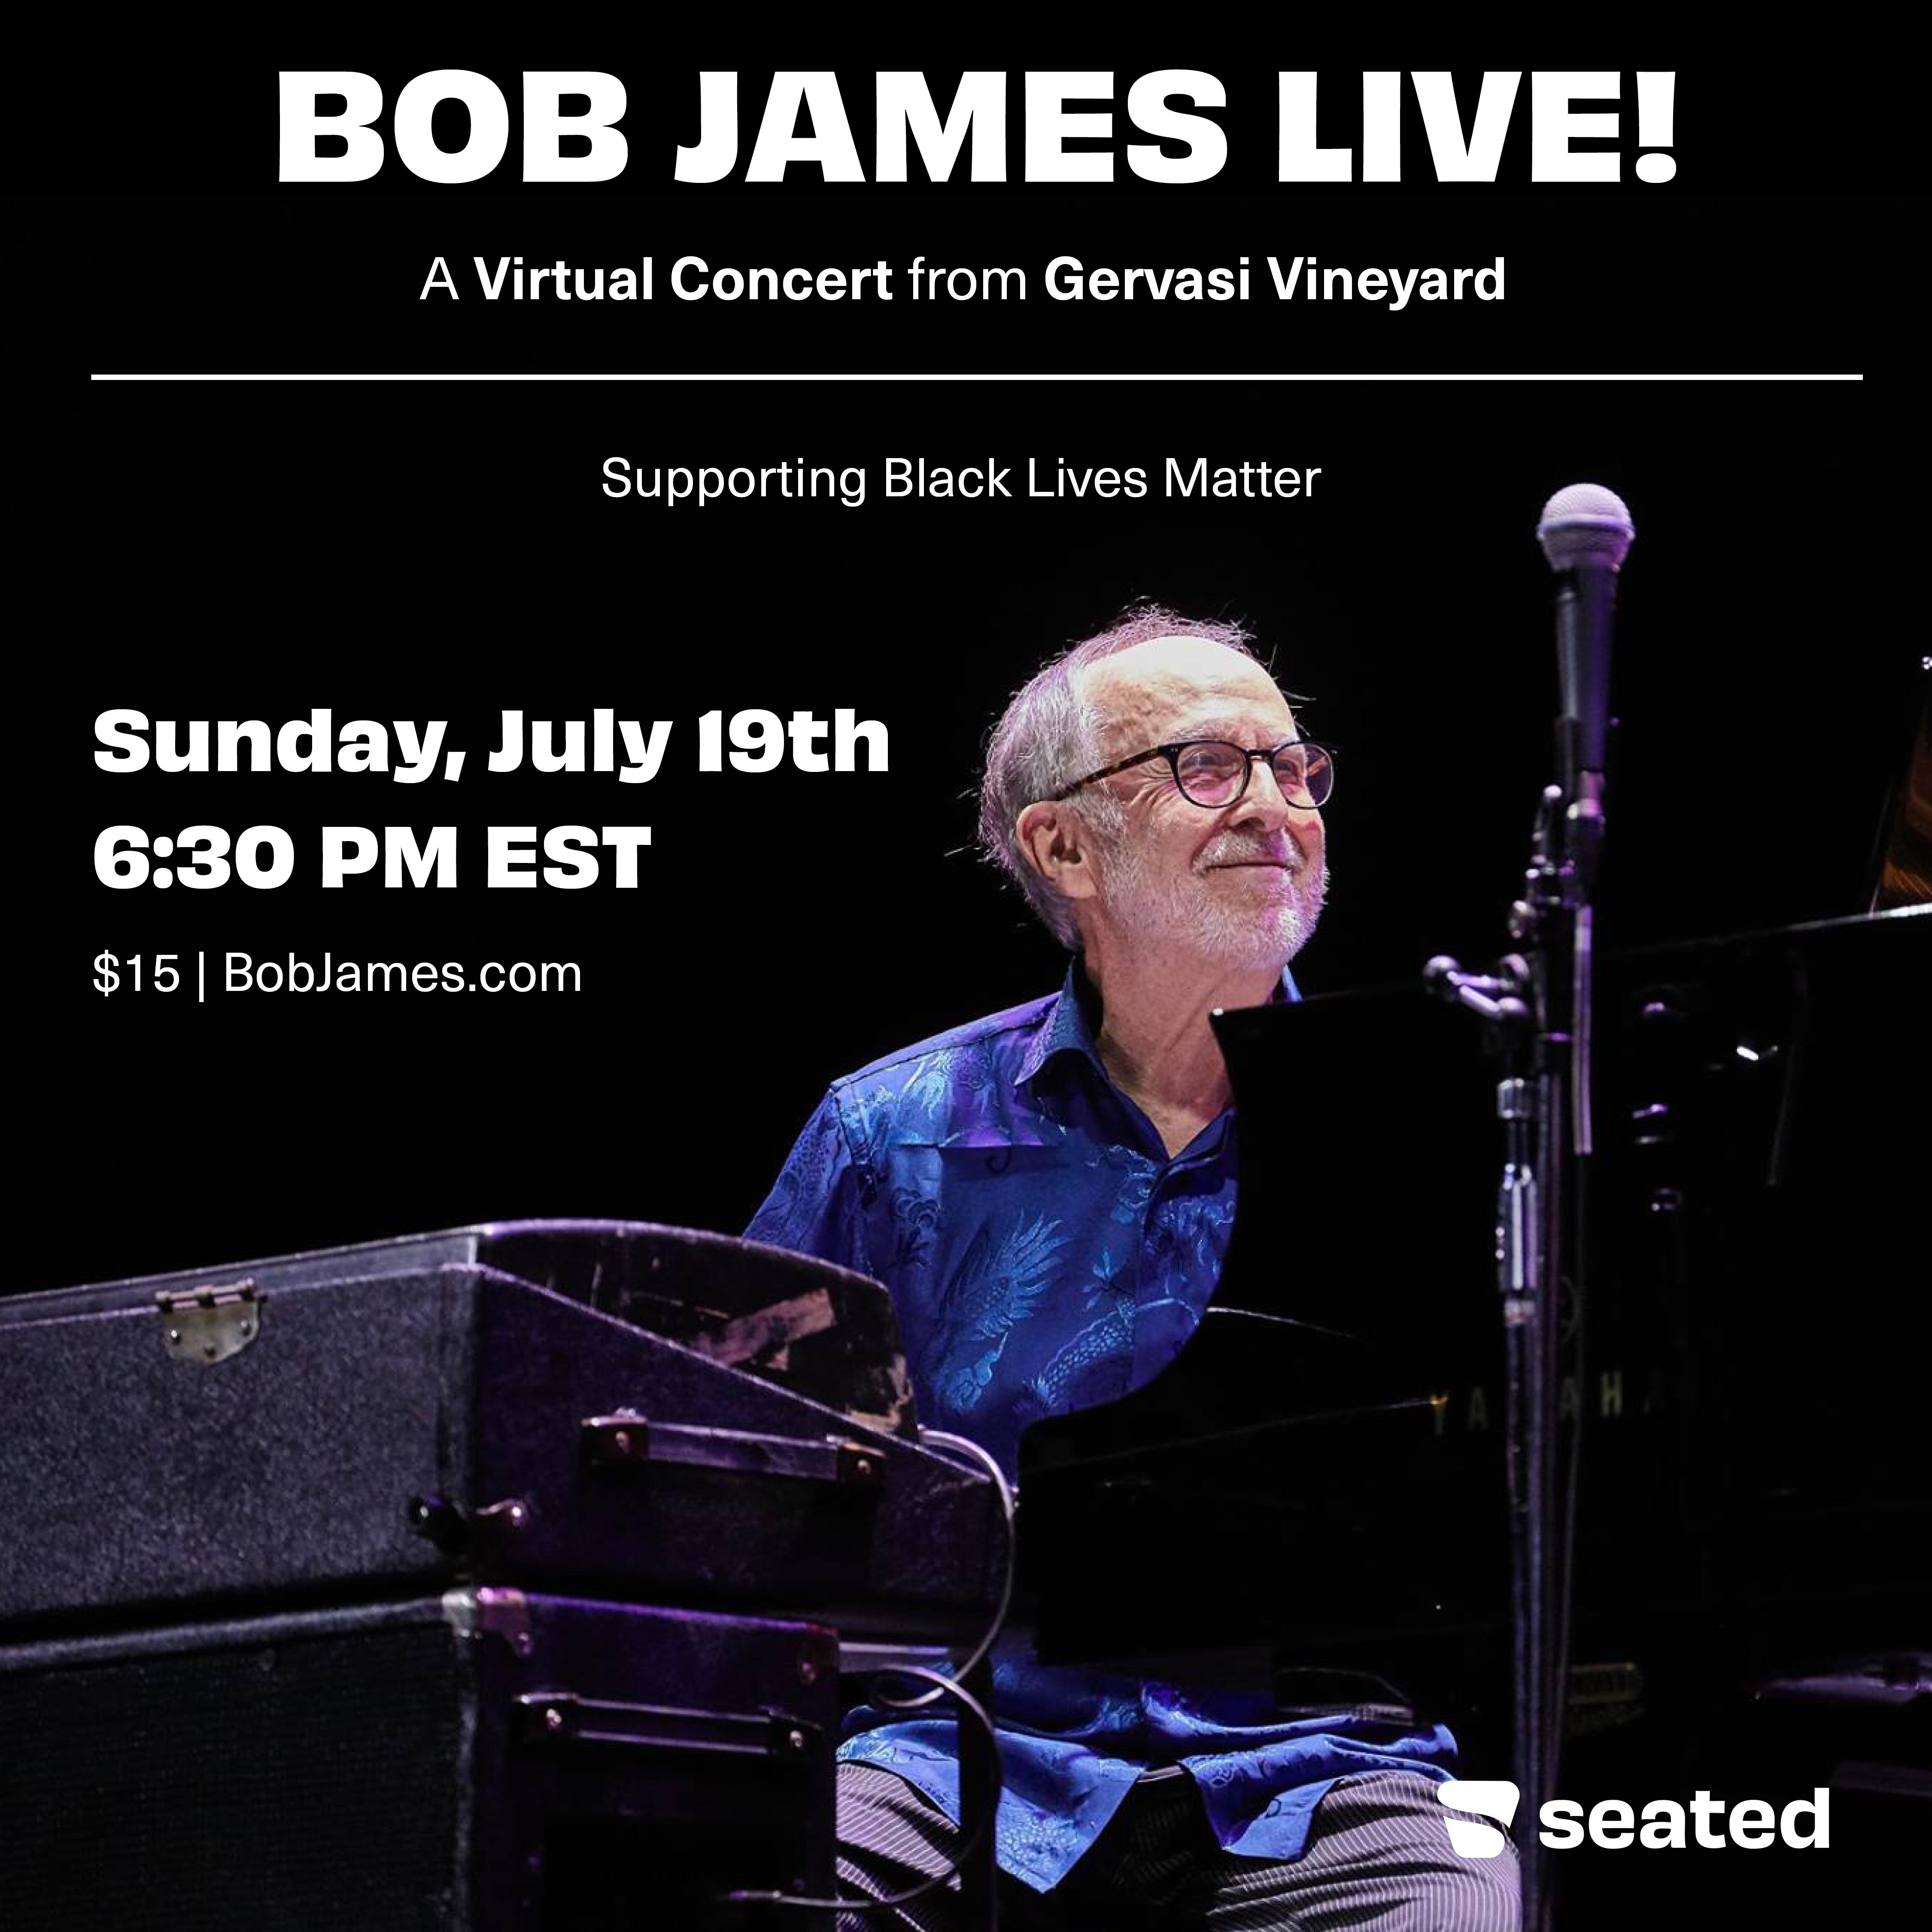 Bob James Live!